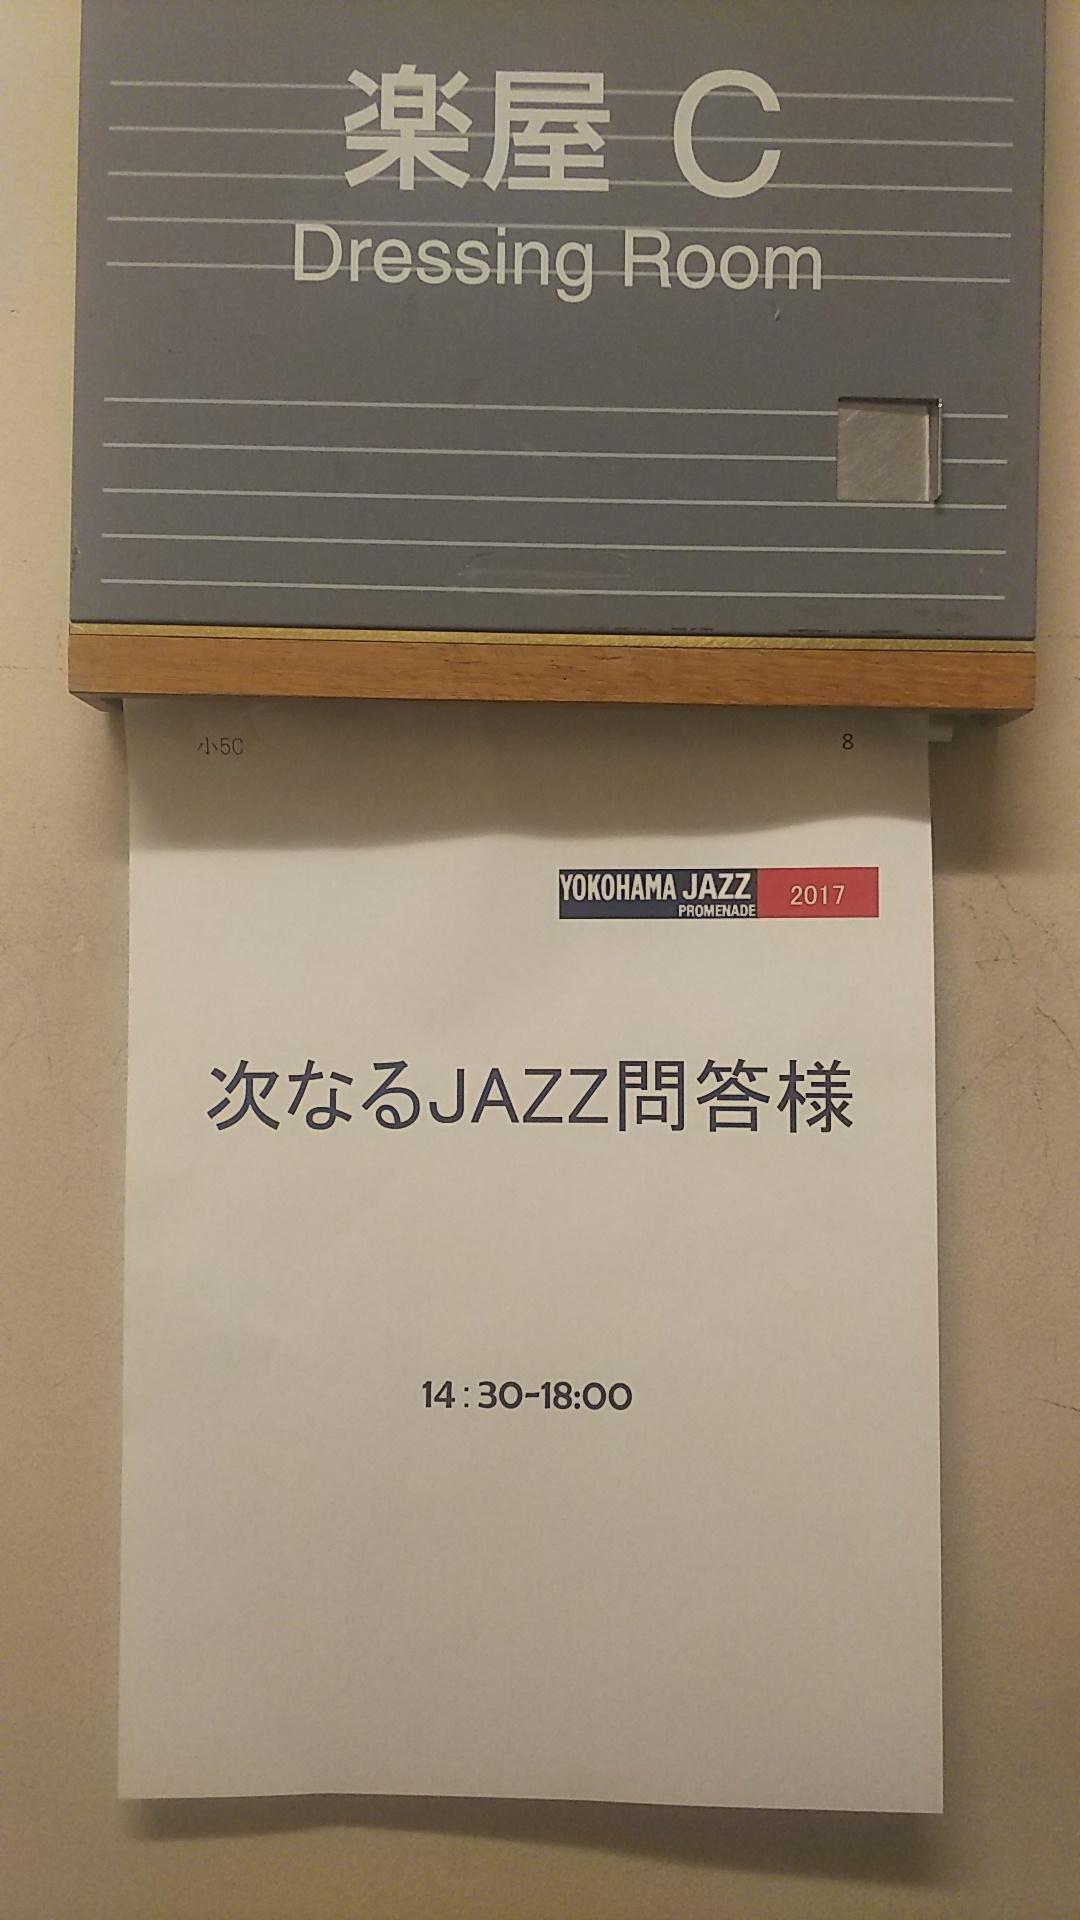 ご声援ありがとうございました!【次ナルJAZZ問答】横浜jazzプロムナード_d0244370_16021598.jpg